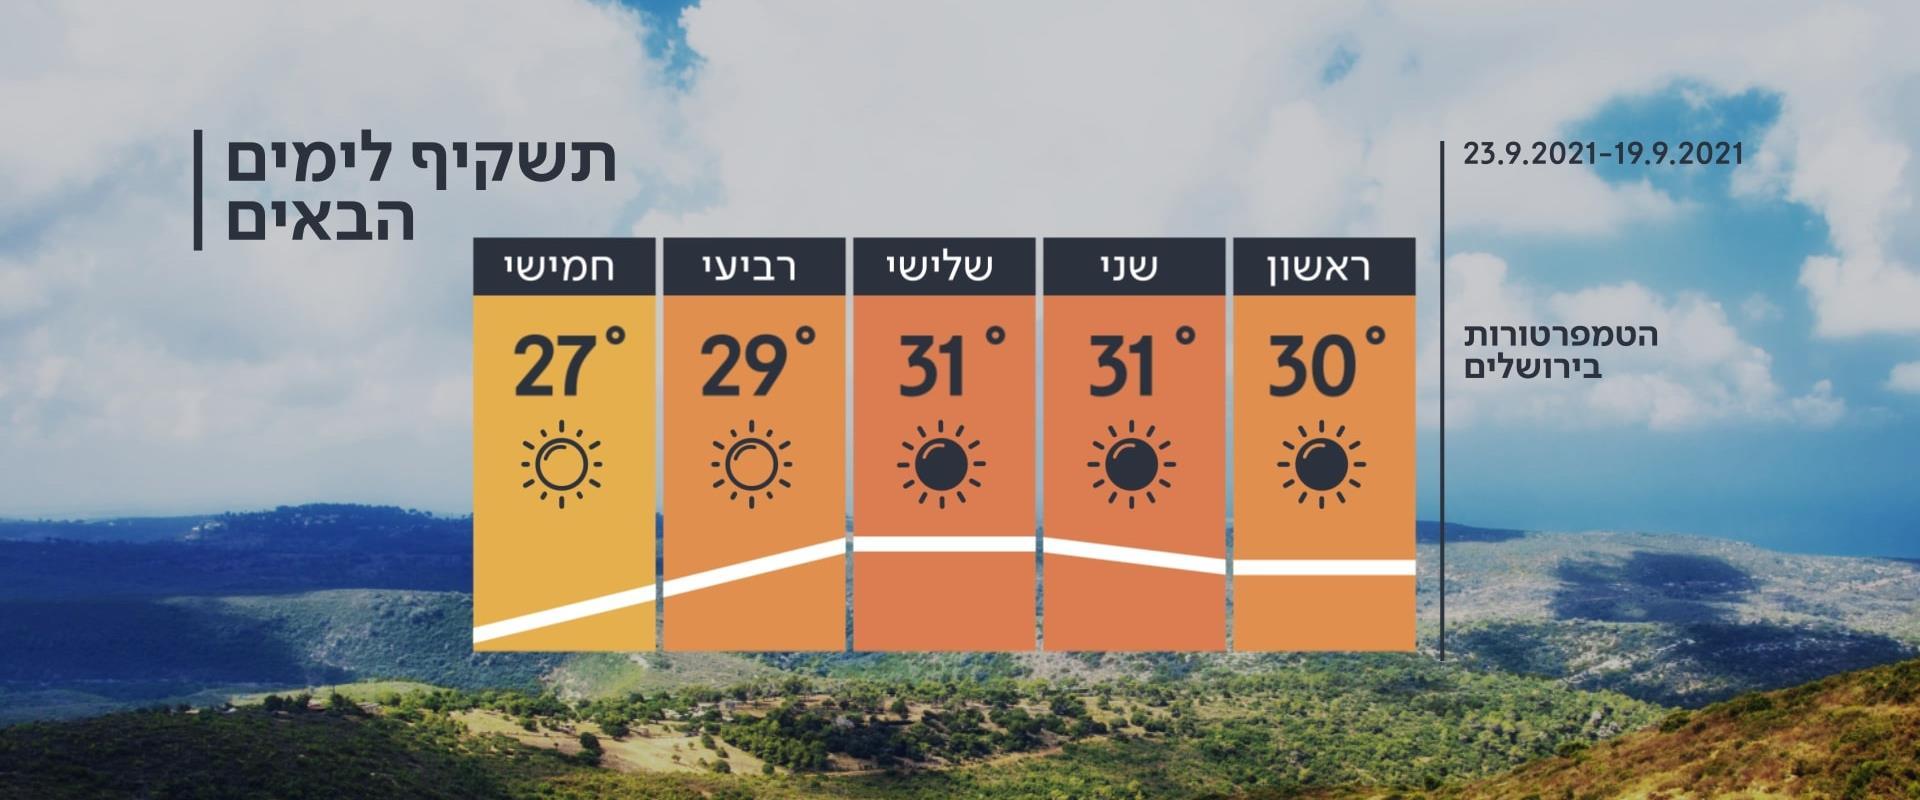 התחזית 18.08.21